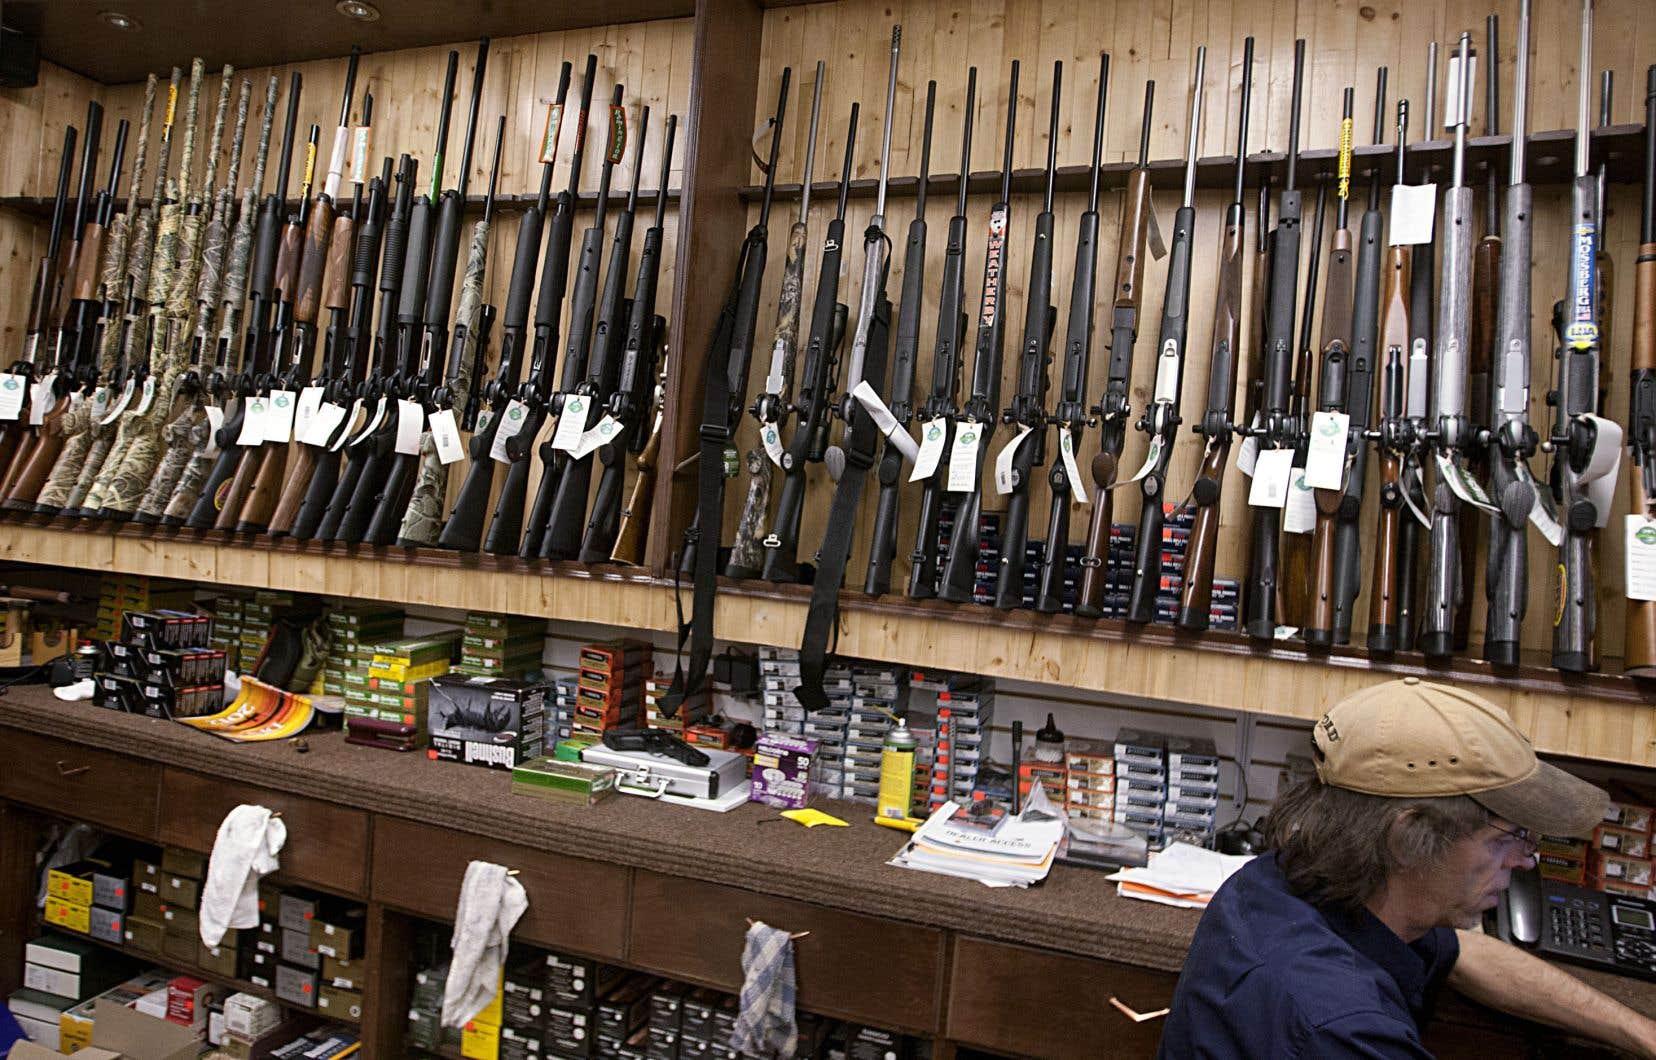 Les propriétaires d'arme à feu avaient jusqu'au 29 janvier pour inscrire leur arme au registre.